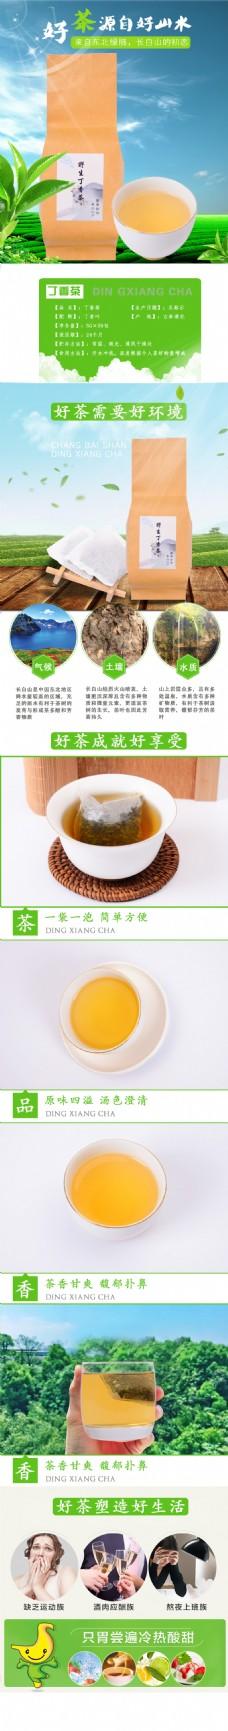 丁香茶详情页淘宝电商